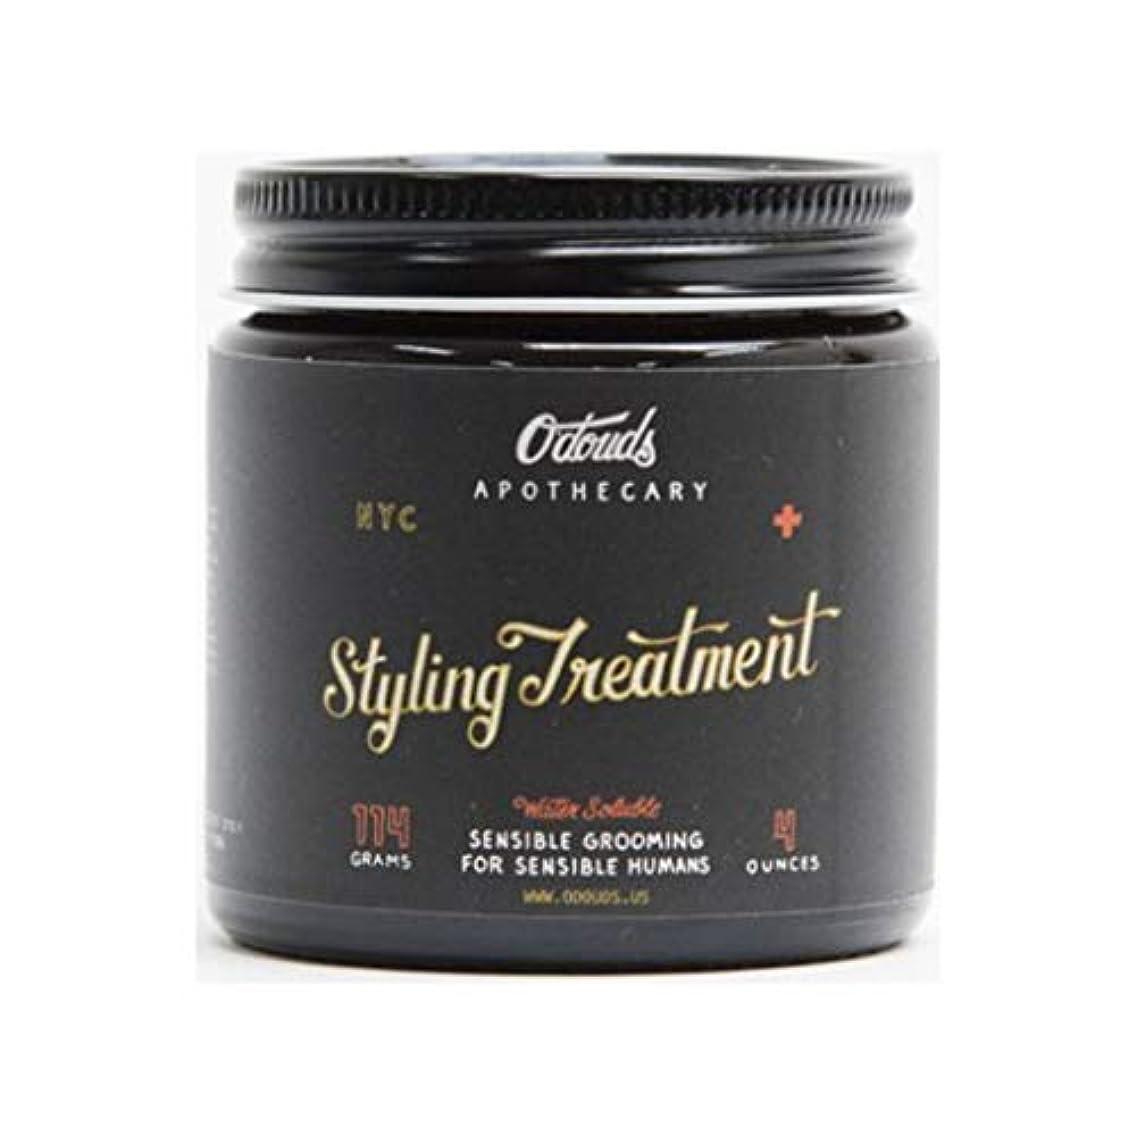 来てスカリーのスコアO'Douds (オダウズ) スタイリングトリートメント STYLING TREATMENT メンズ 整髪料 水性 ポマード ヘアクリーム ヘアオイル ヘアグリース ヘアワックス ナチュラルシャイン ライトホールド ヴィーガン